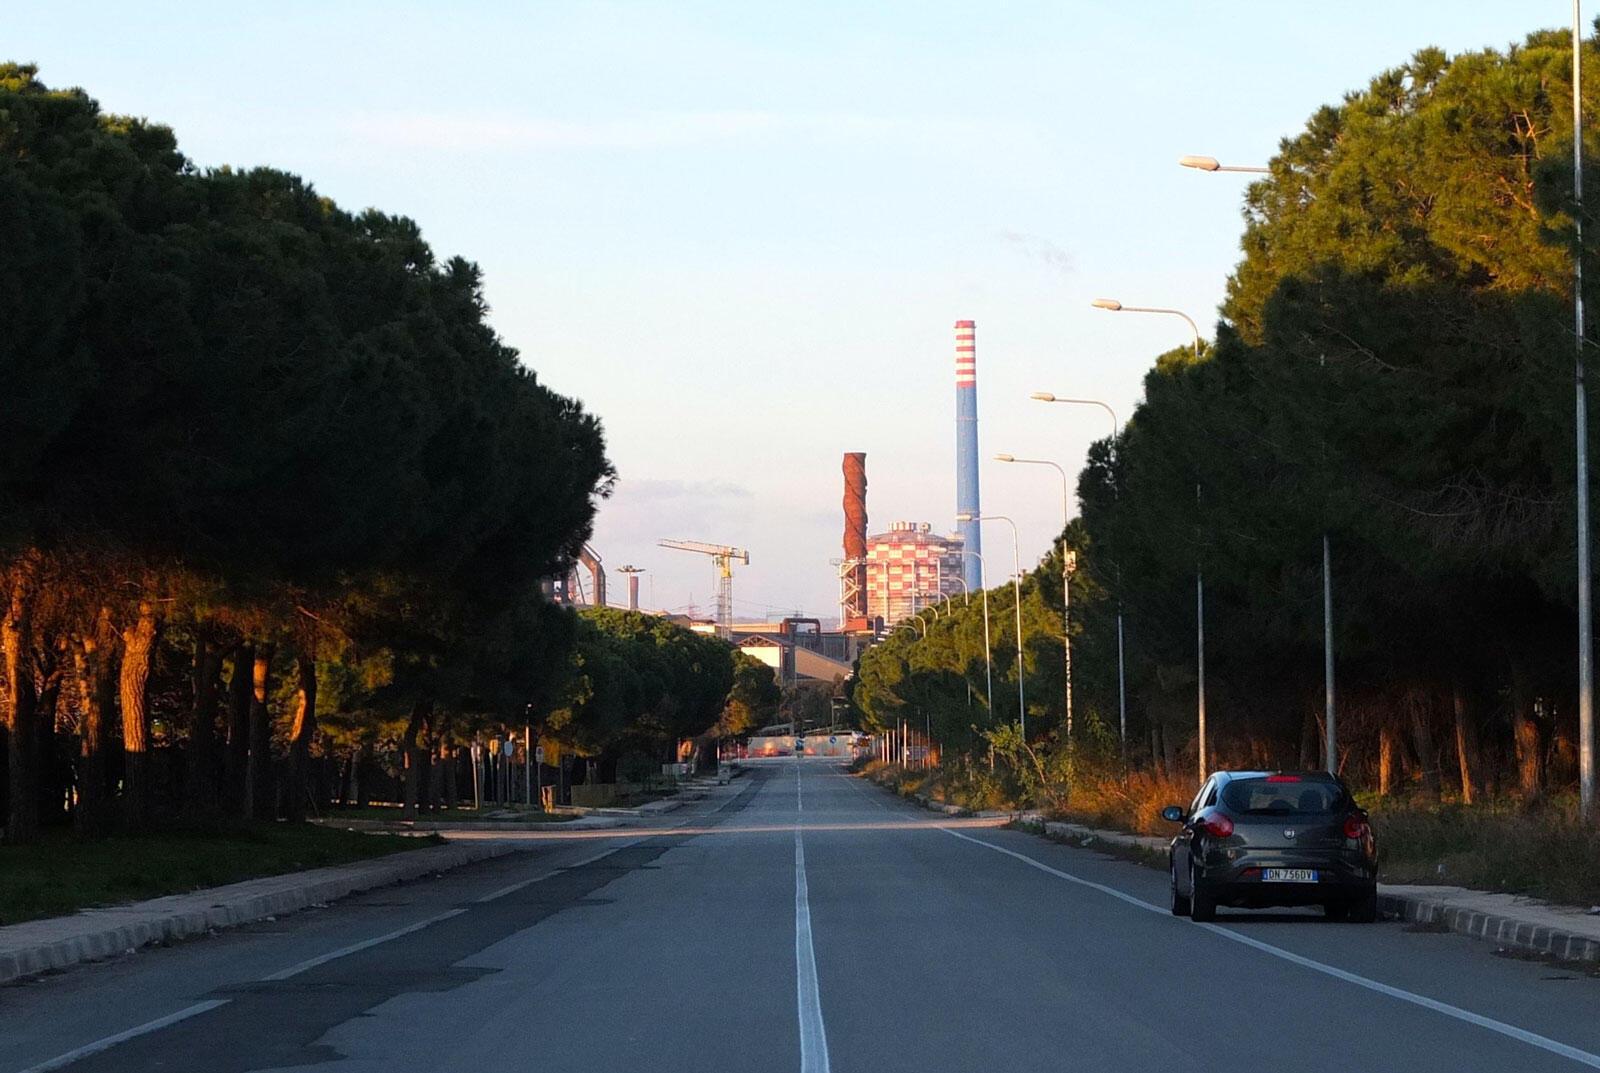 L'aciérie Ilva, la plus grande d'Europe, emploie plus de 10 000 personnes à Tarente. C'est aussi la plus polluante, notamment à la dioxine.